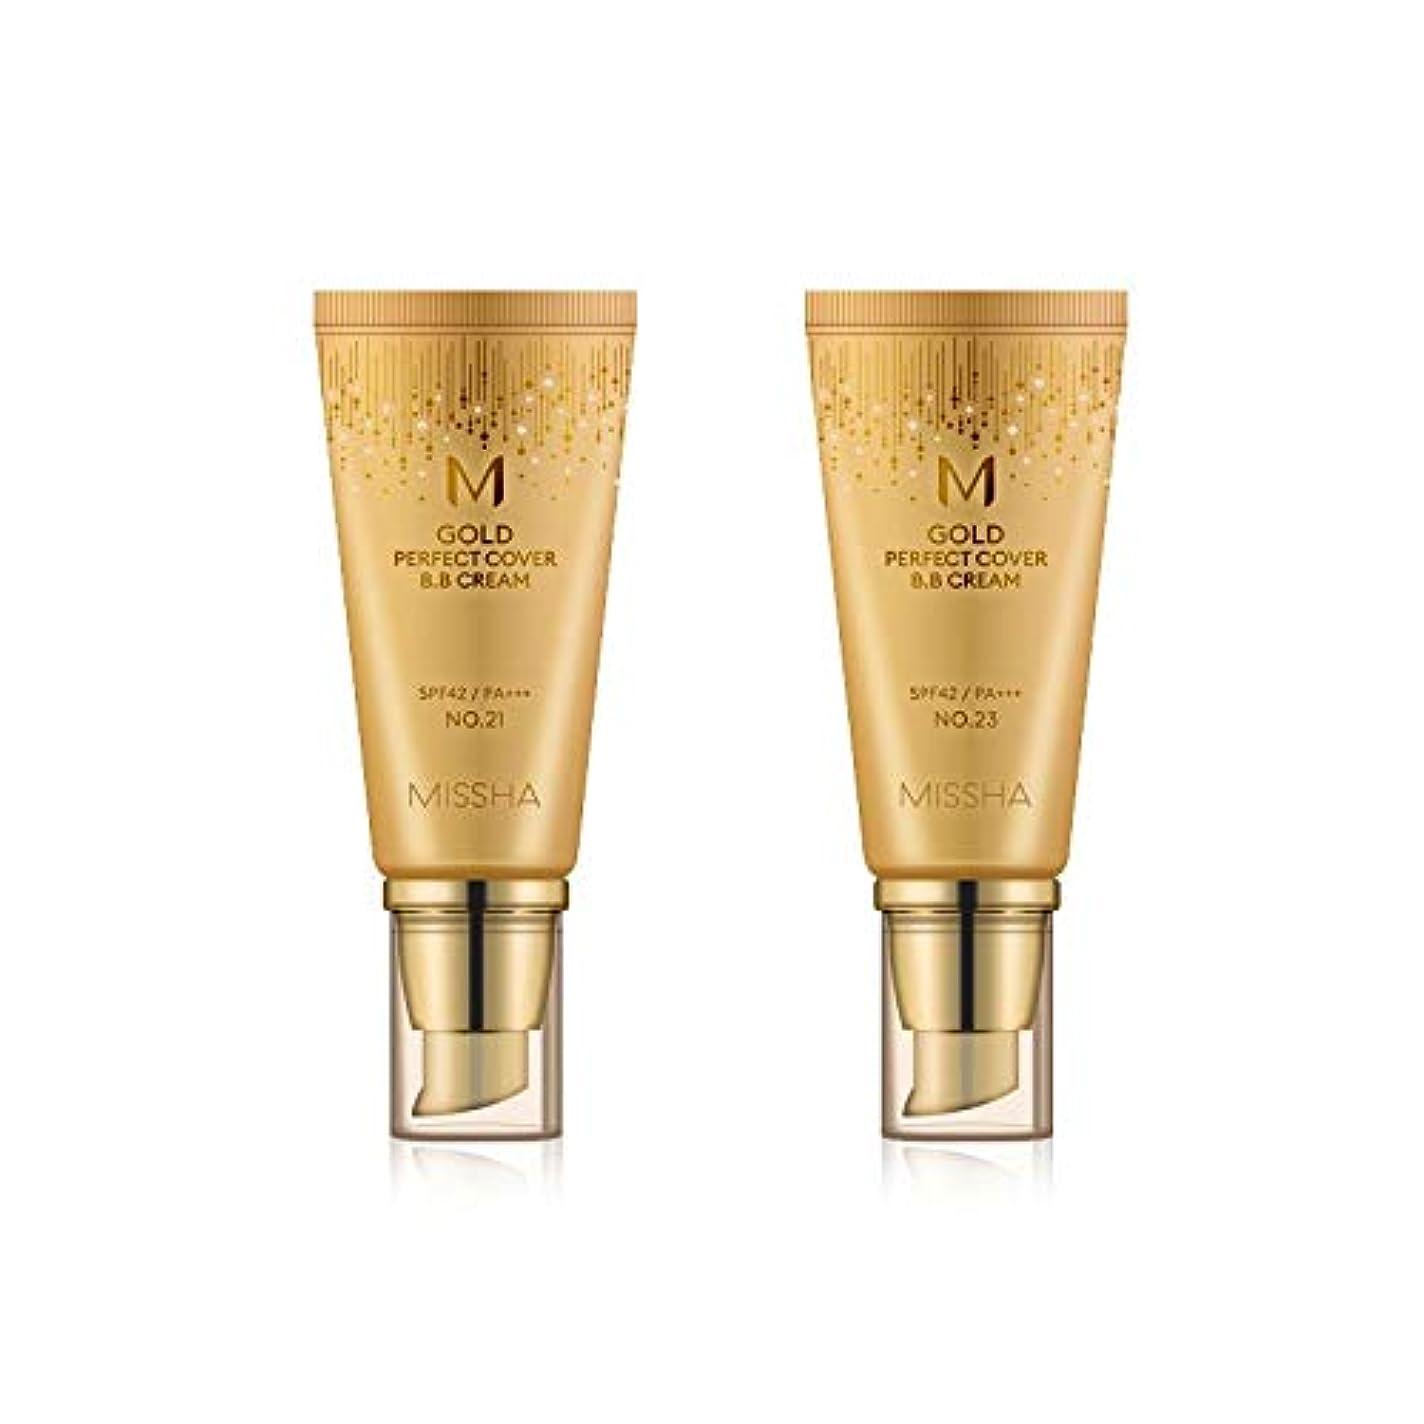 哲学者落ち込んでいる事件、出来事MISSHA Gold Perfecte Cover BB Cream SPF42 PA+++ / ミシャ ゴールド パーフェクト カバー BBクリーム 50ml *NO.23 [並行輸入品]